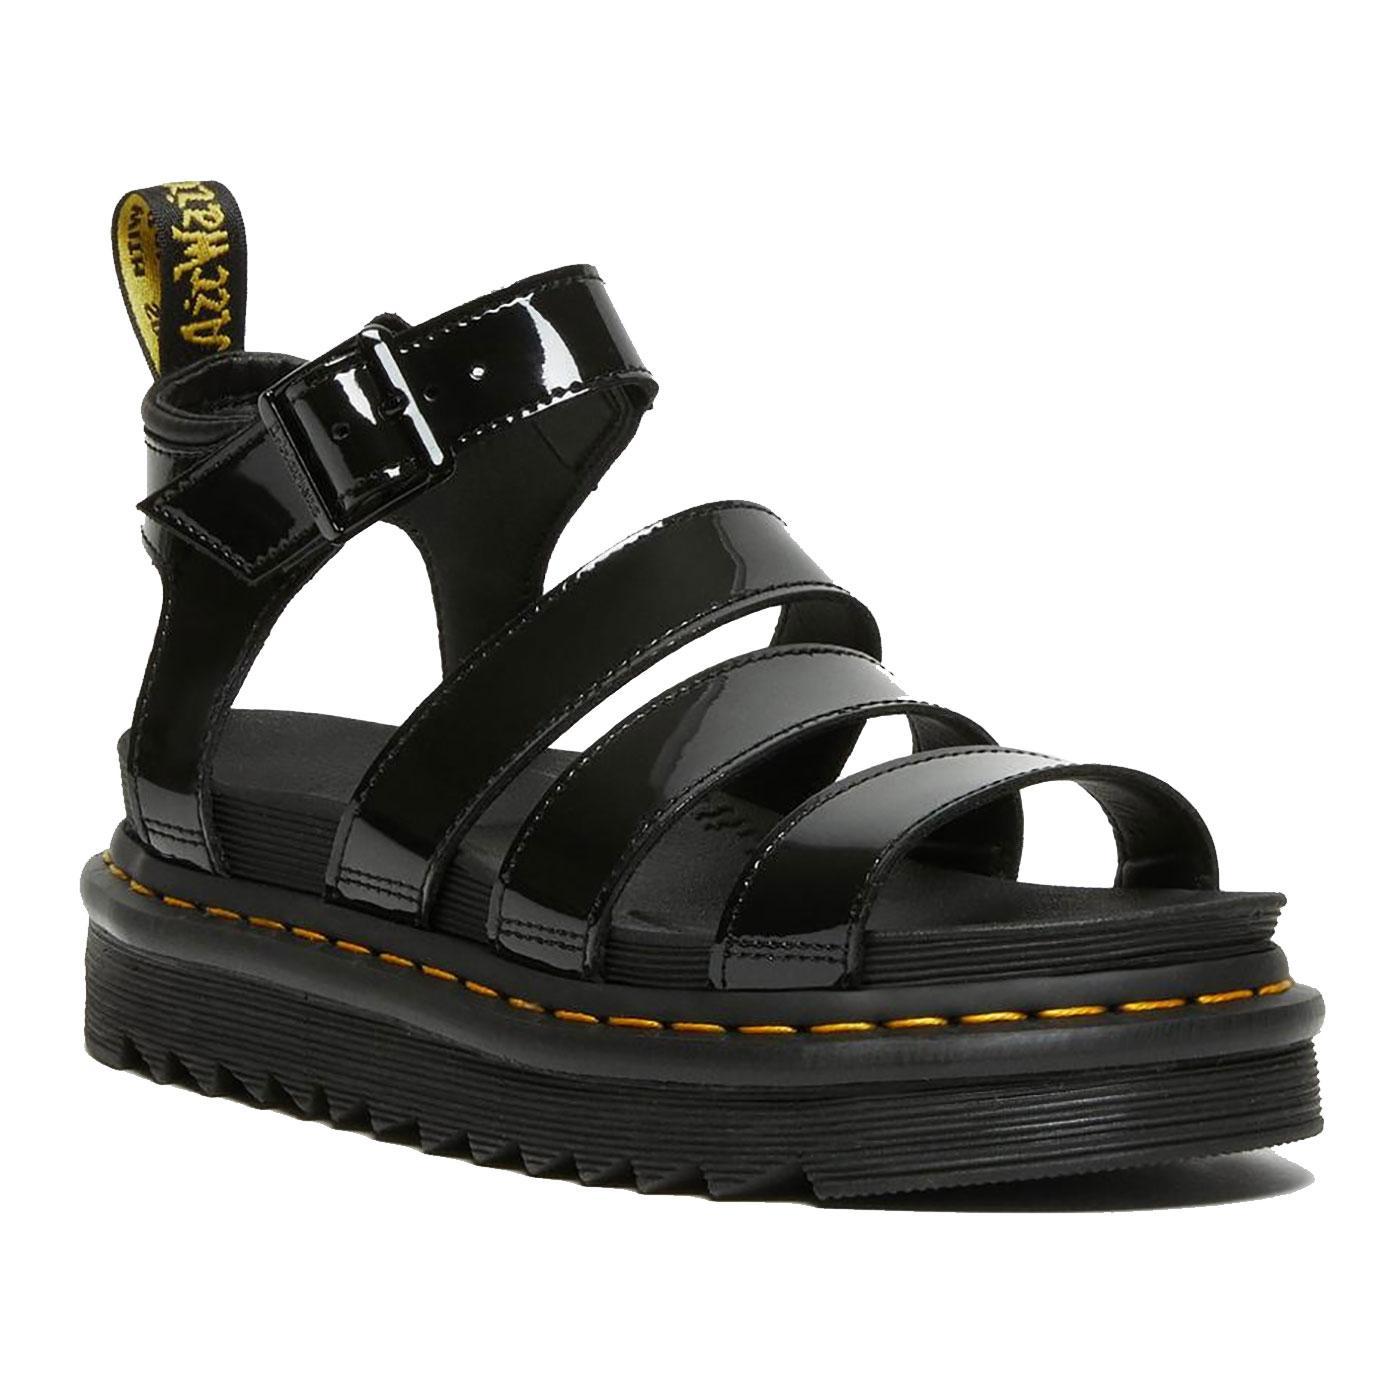 Blaire Patent Lamper DR MARTENS Women's Sandals B